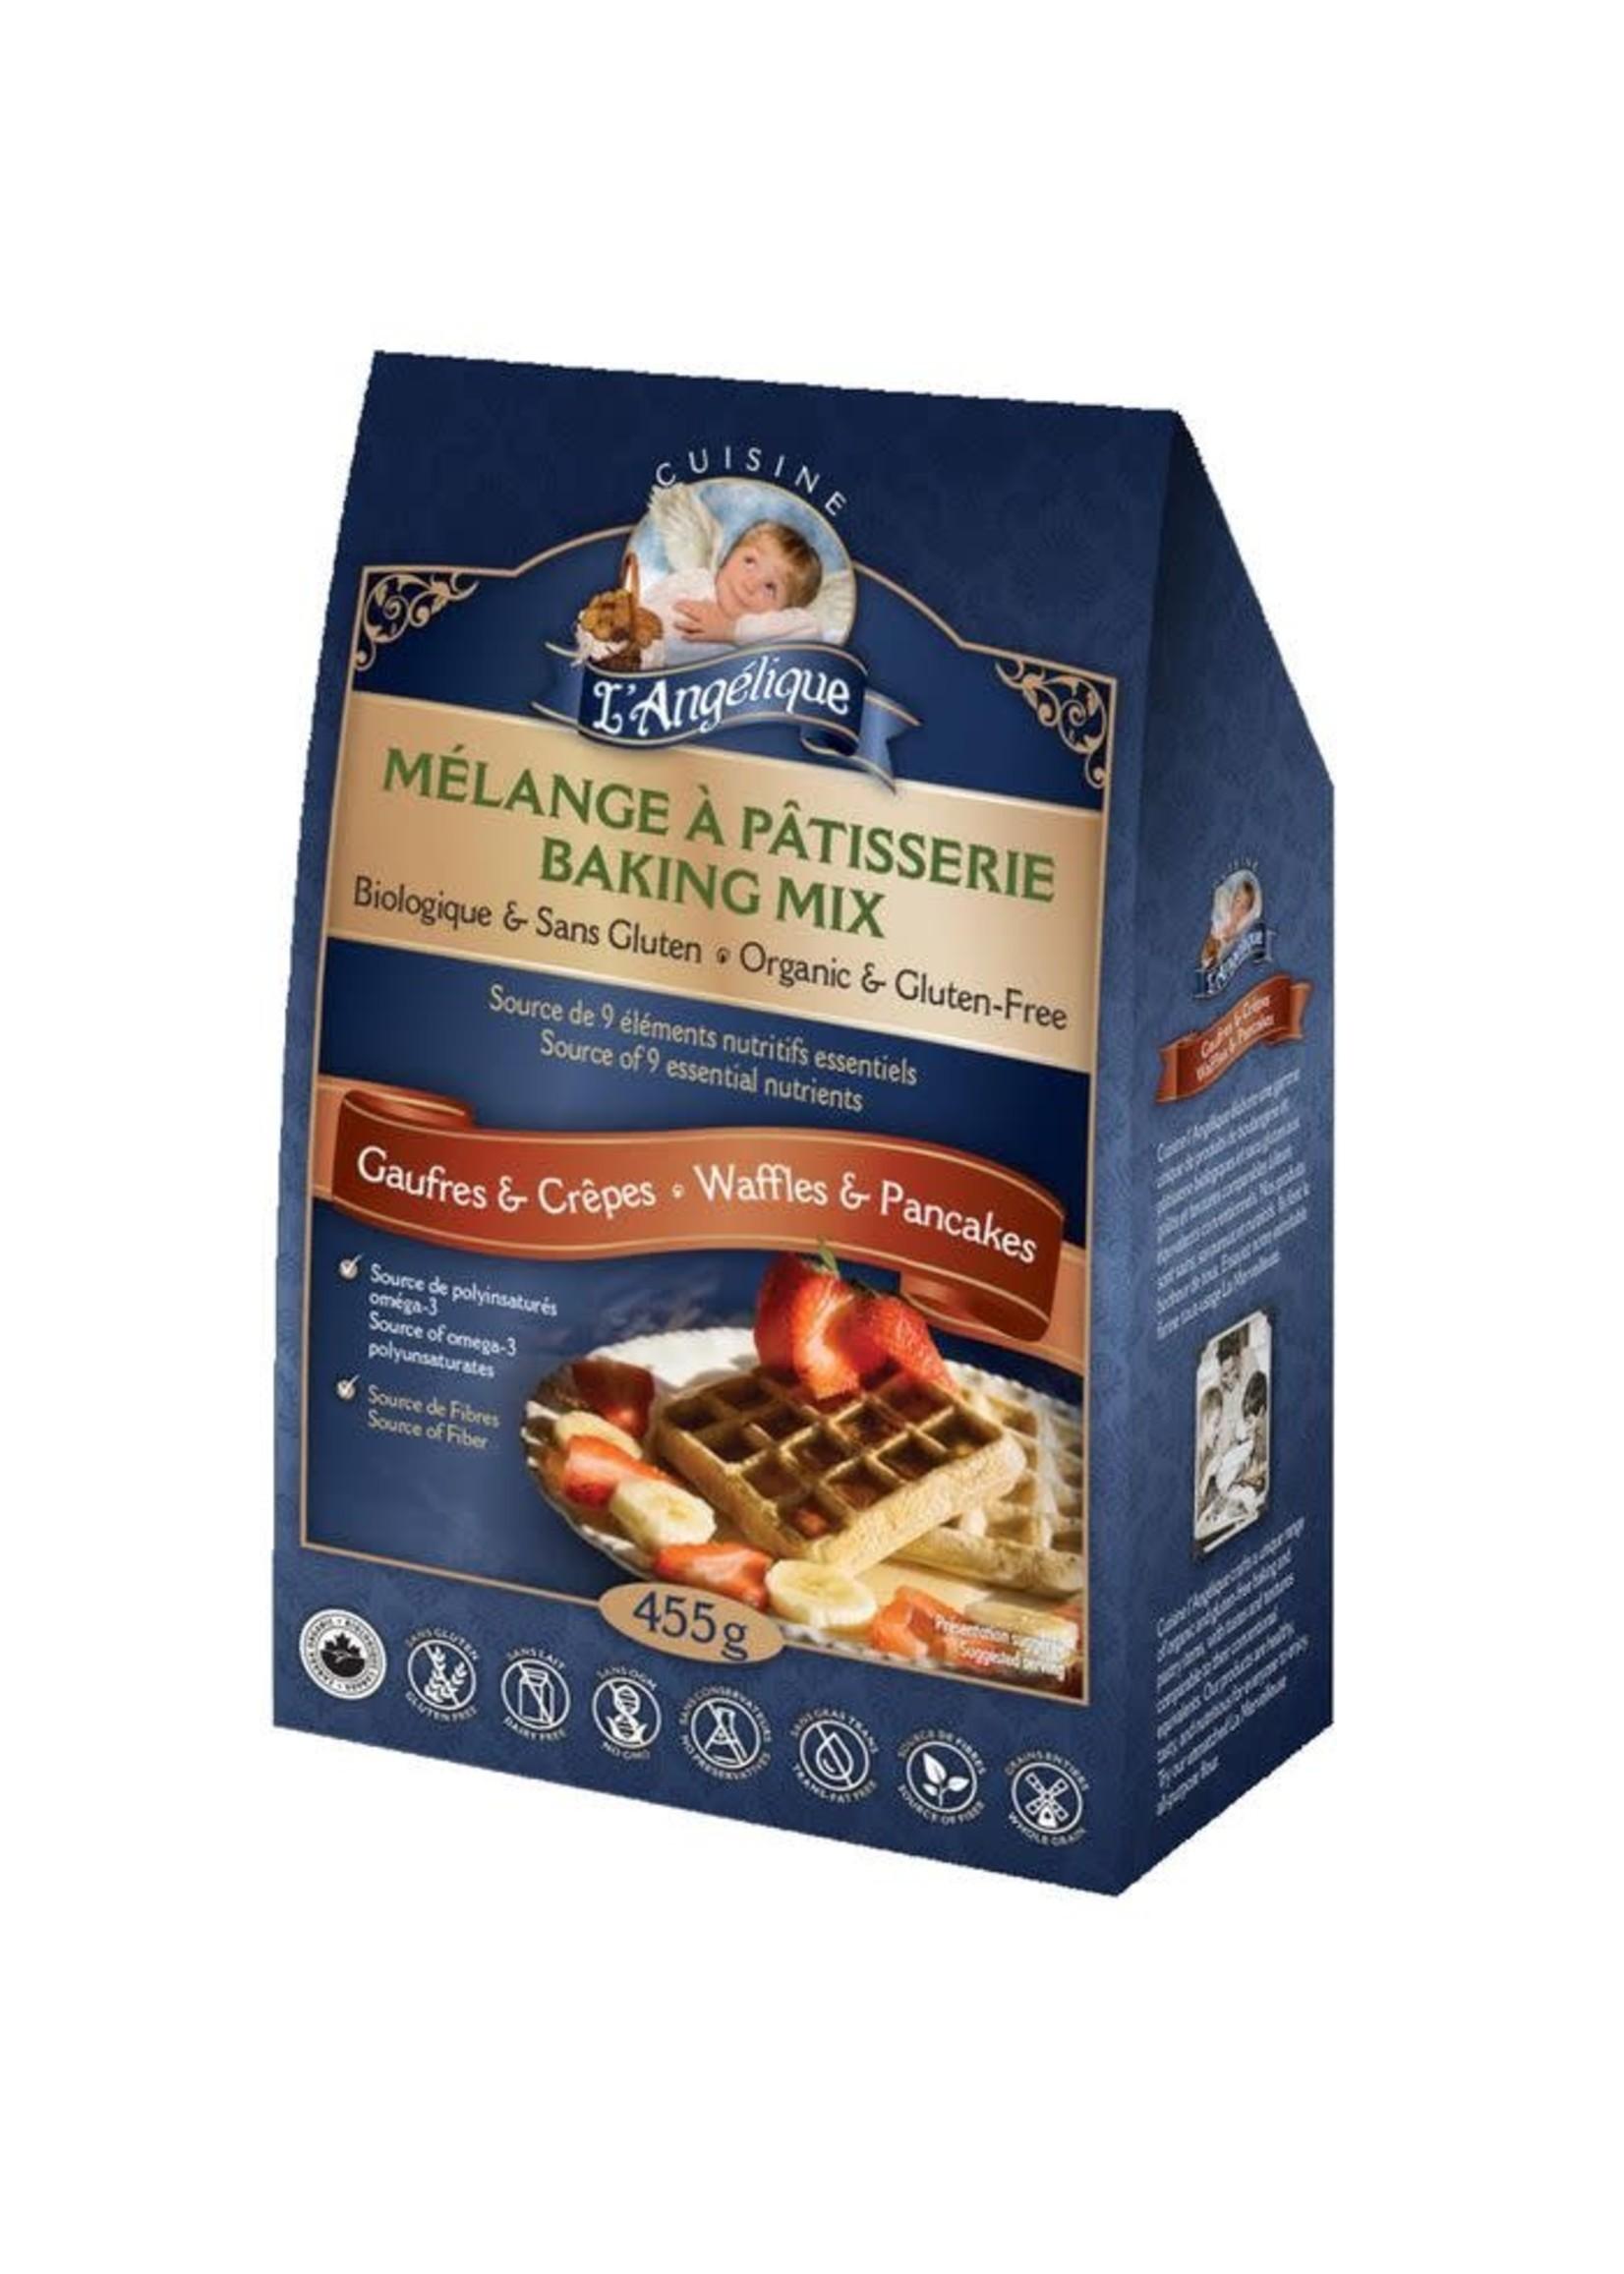 Cuisine L'Angelique Cuisine L'Angelique Gluten-Free & Organic- Pancake & Waffle